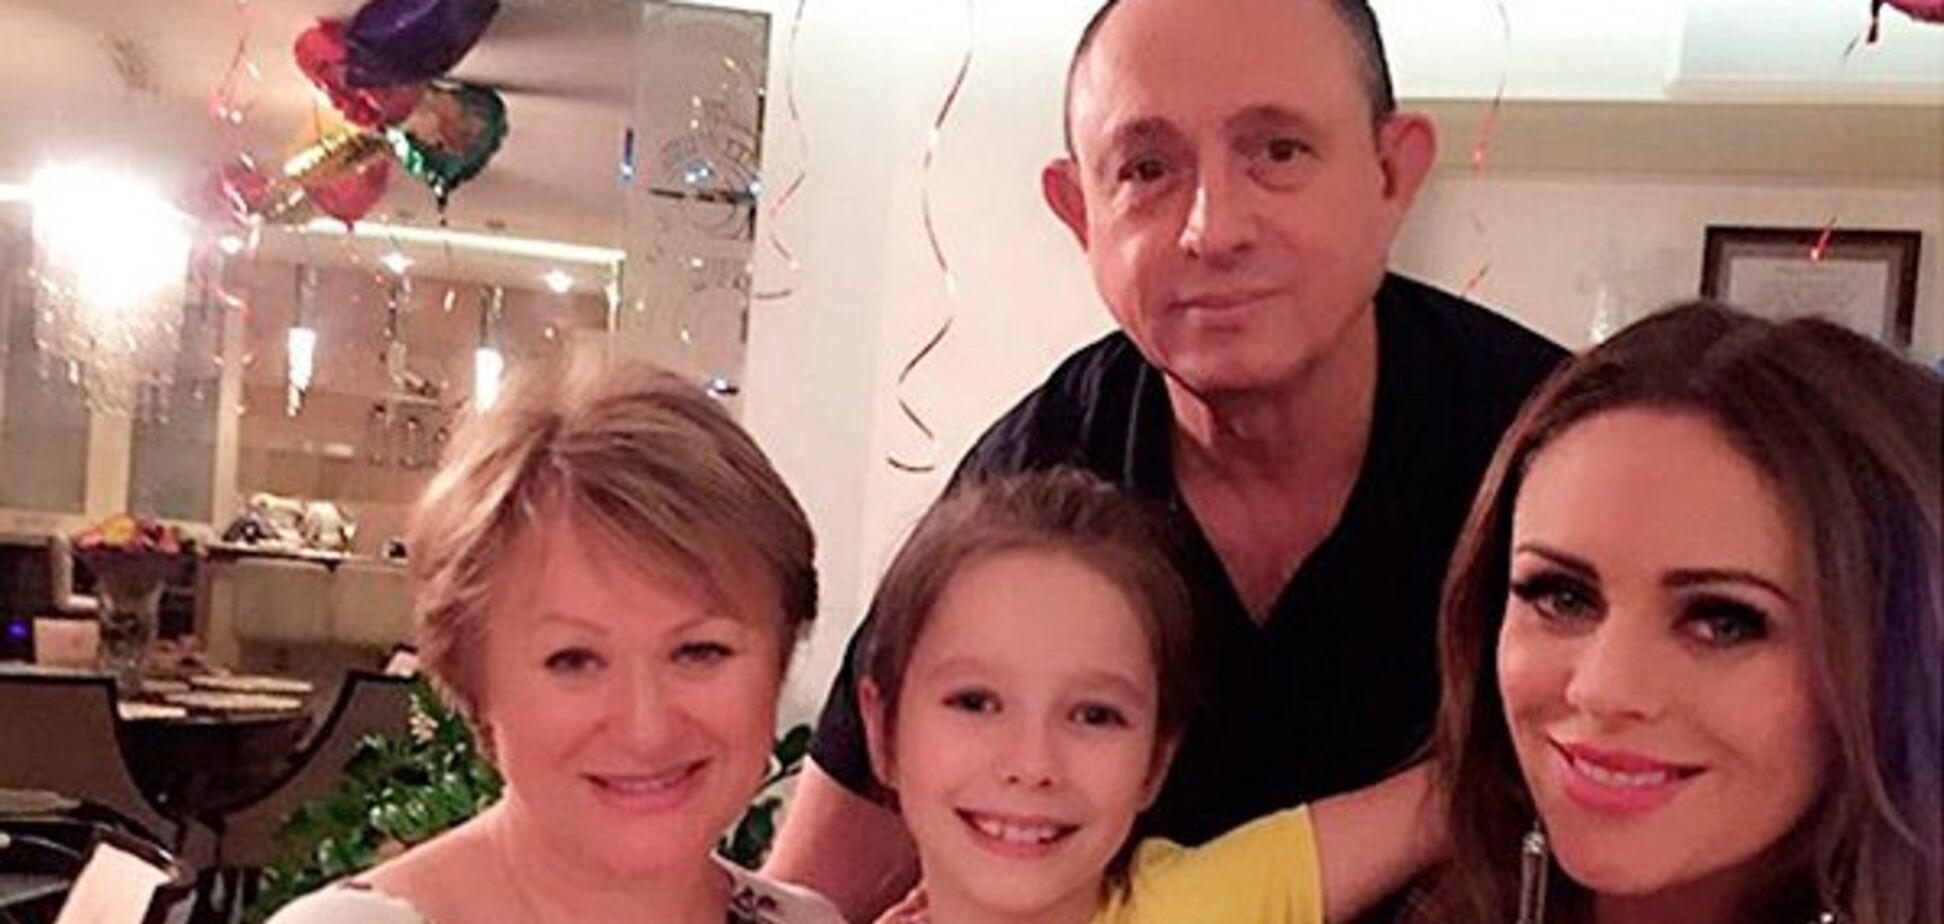 Поседевшая мама и грустные глаза дочери: как живет семья Началовой после ее смерти